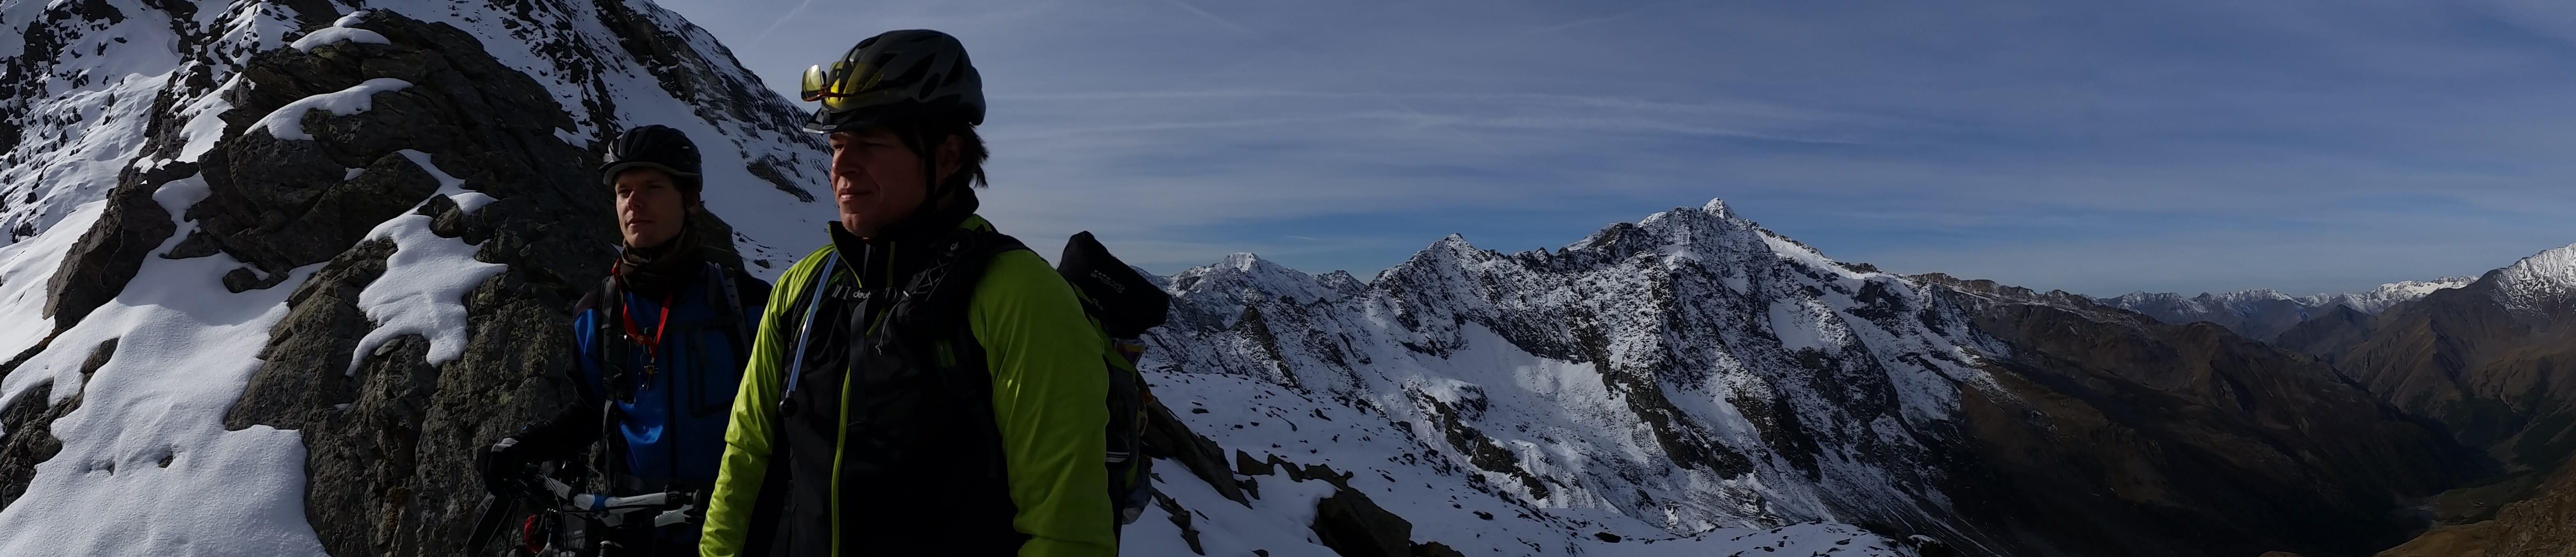 Blick vom Eisjöchl nach 2000 Höhenmetern auf einer Alpencrossetappe